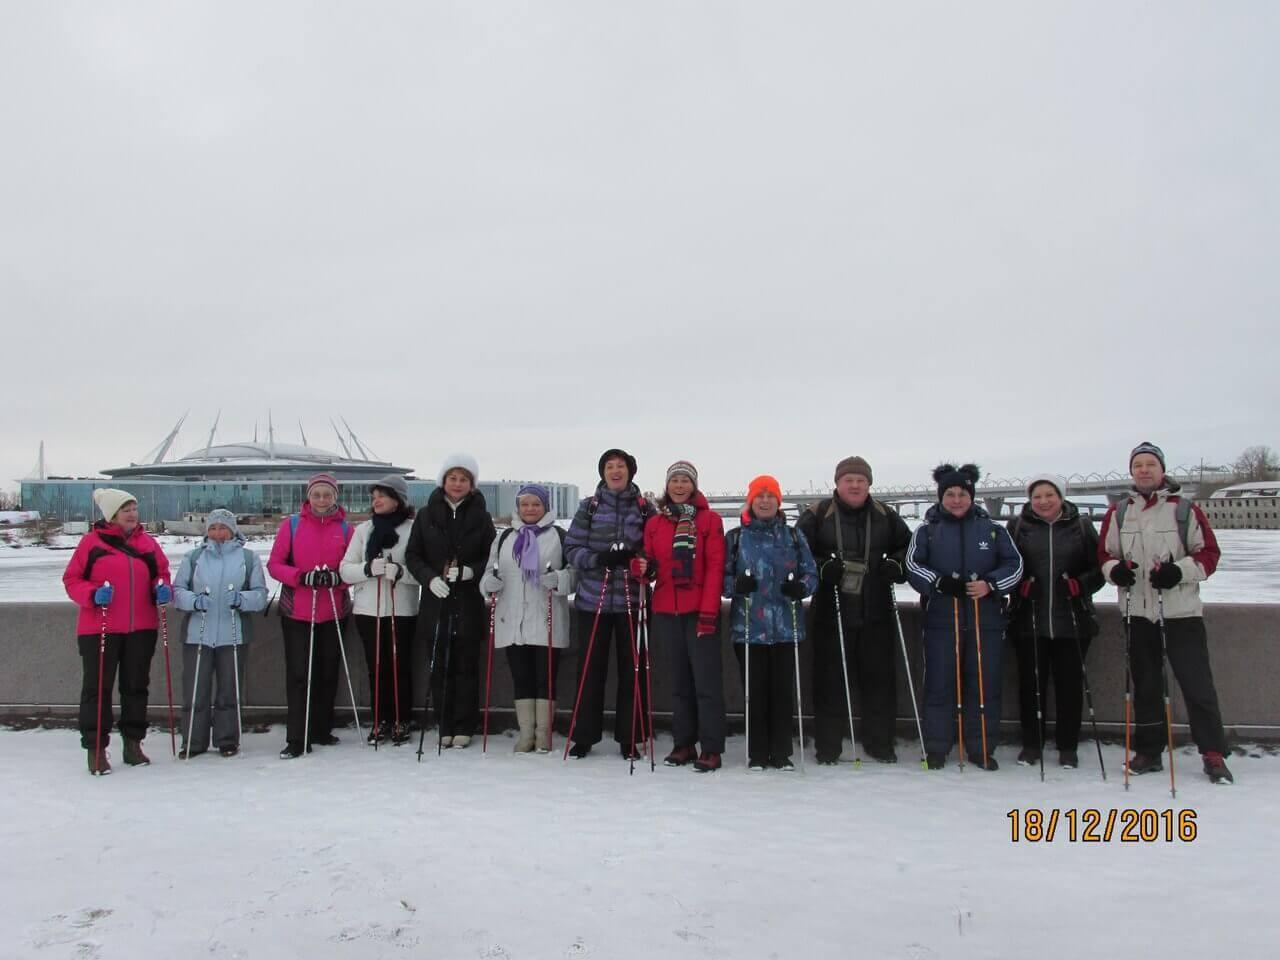 Nordic walking- скандинавская ходьба в Санкт-Петербурге